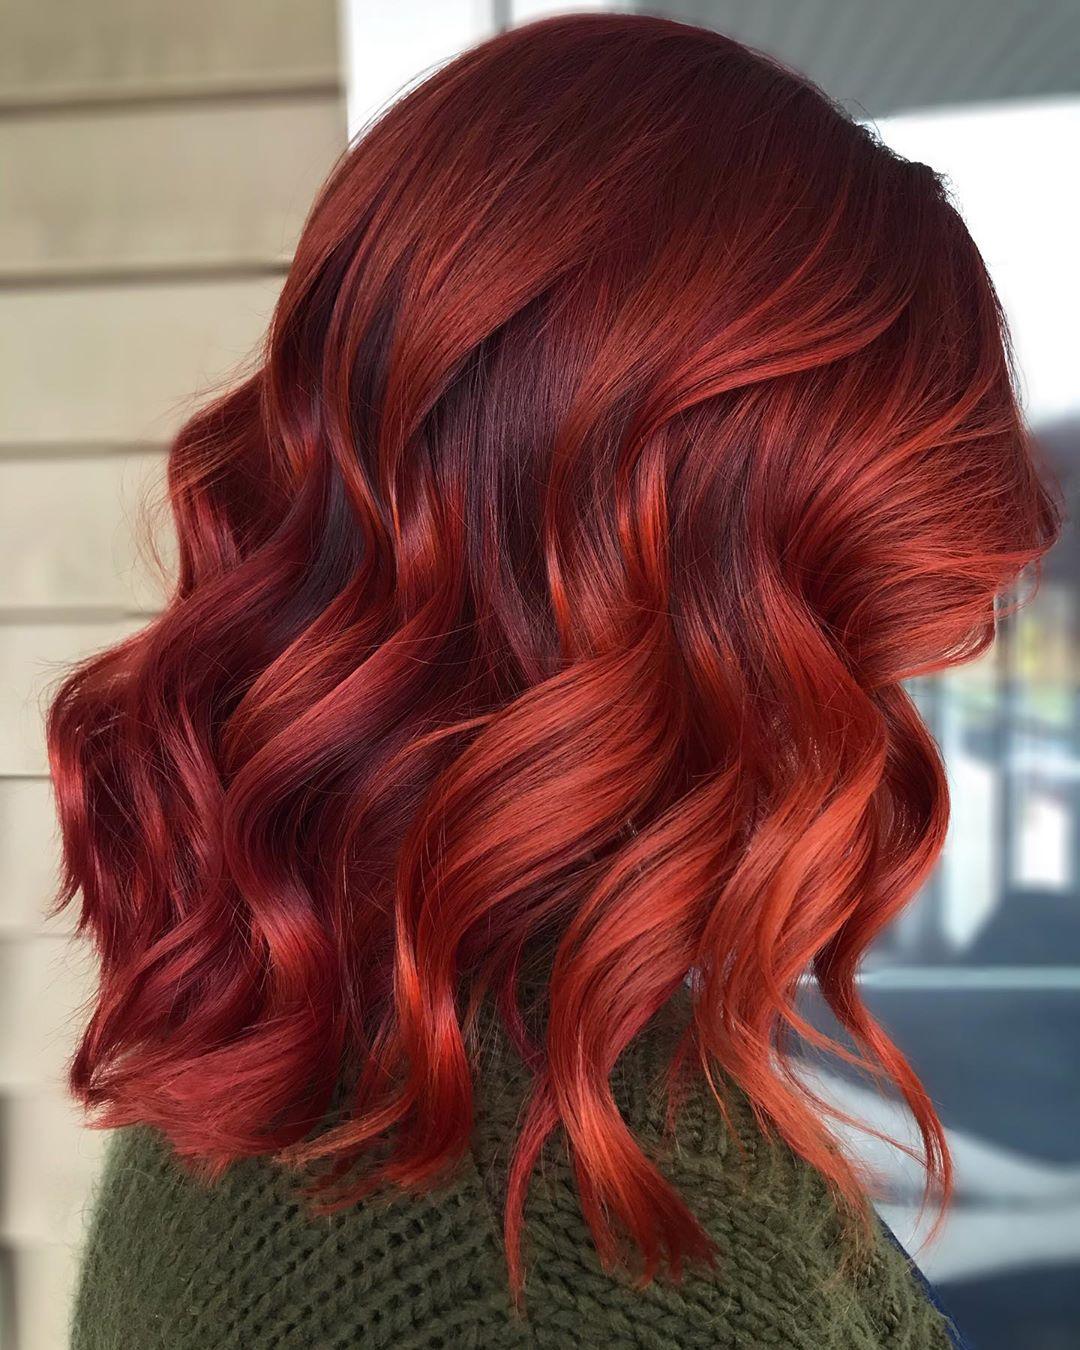 Bright Auburn Red Hair